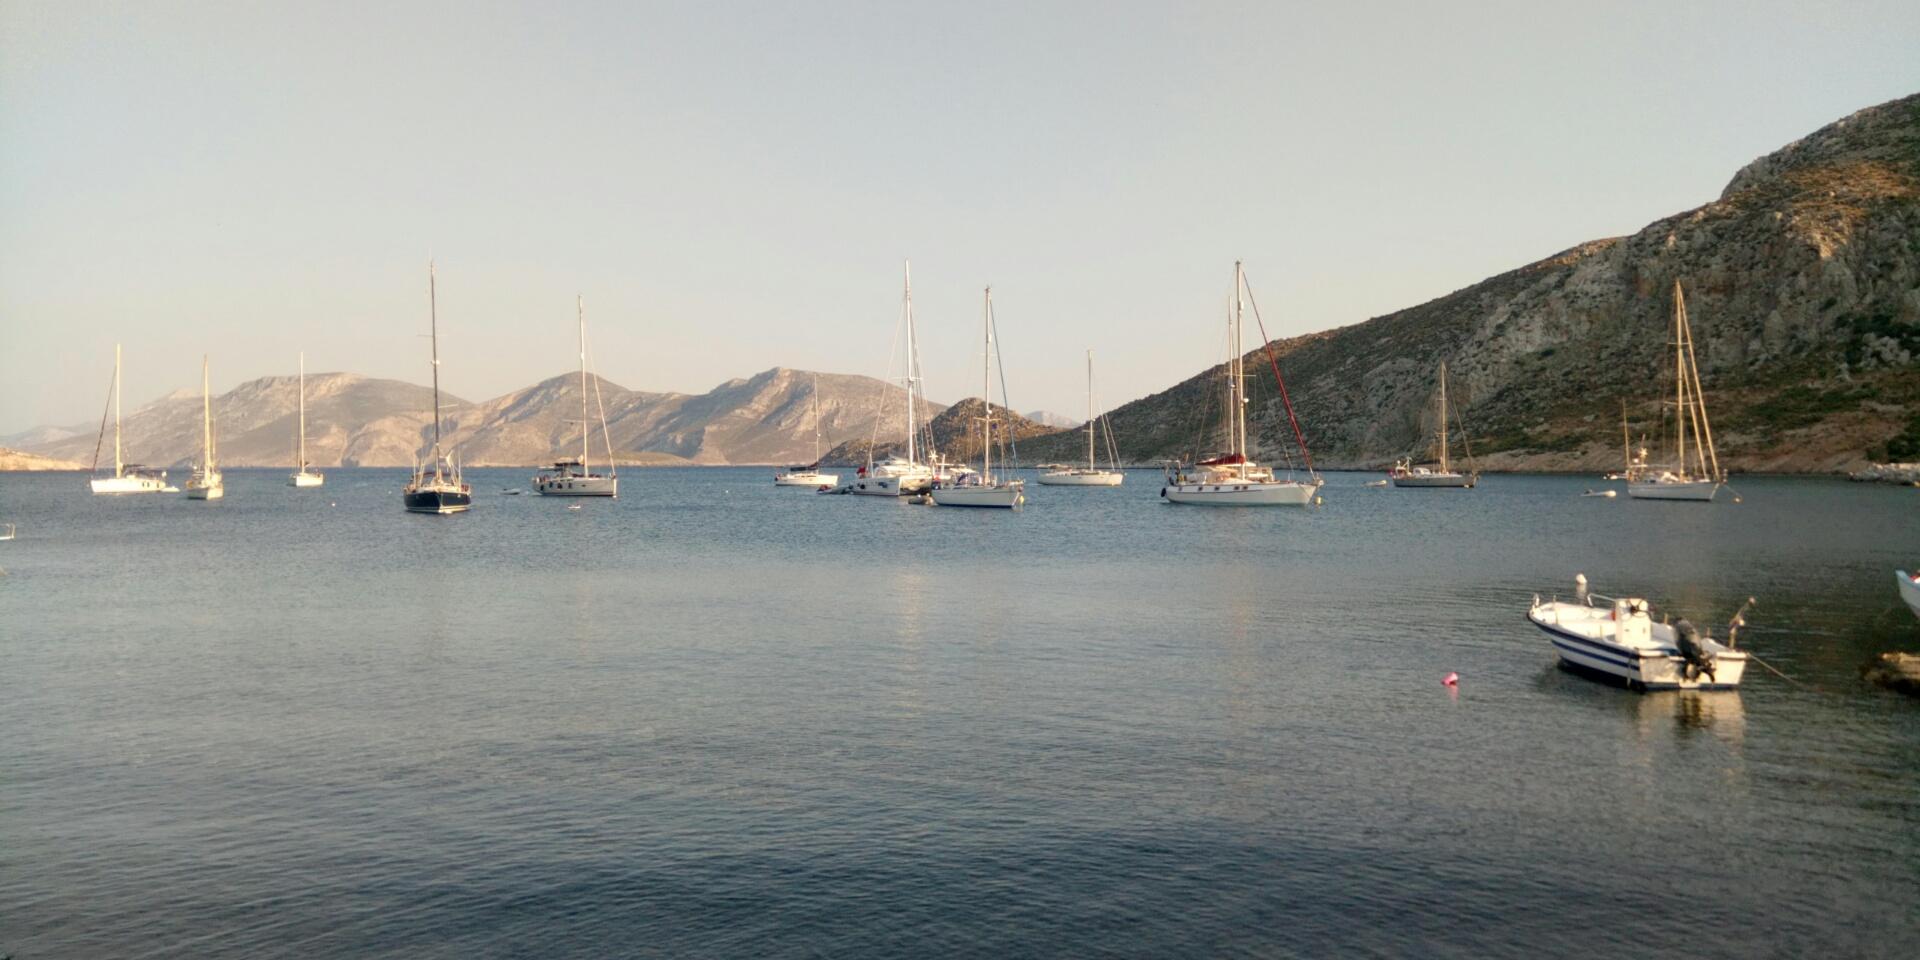 Xirokampos, Leros